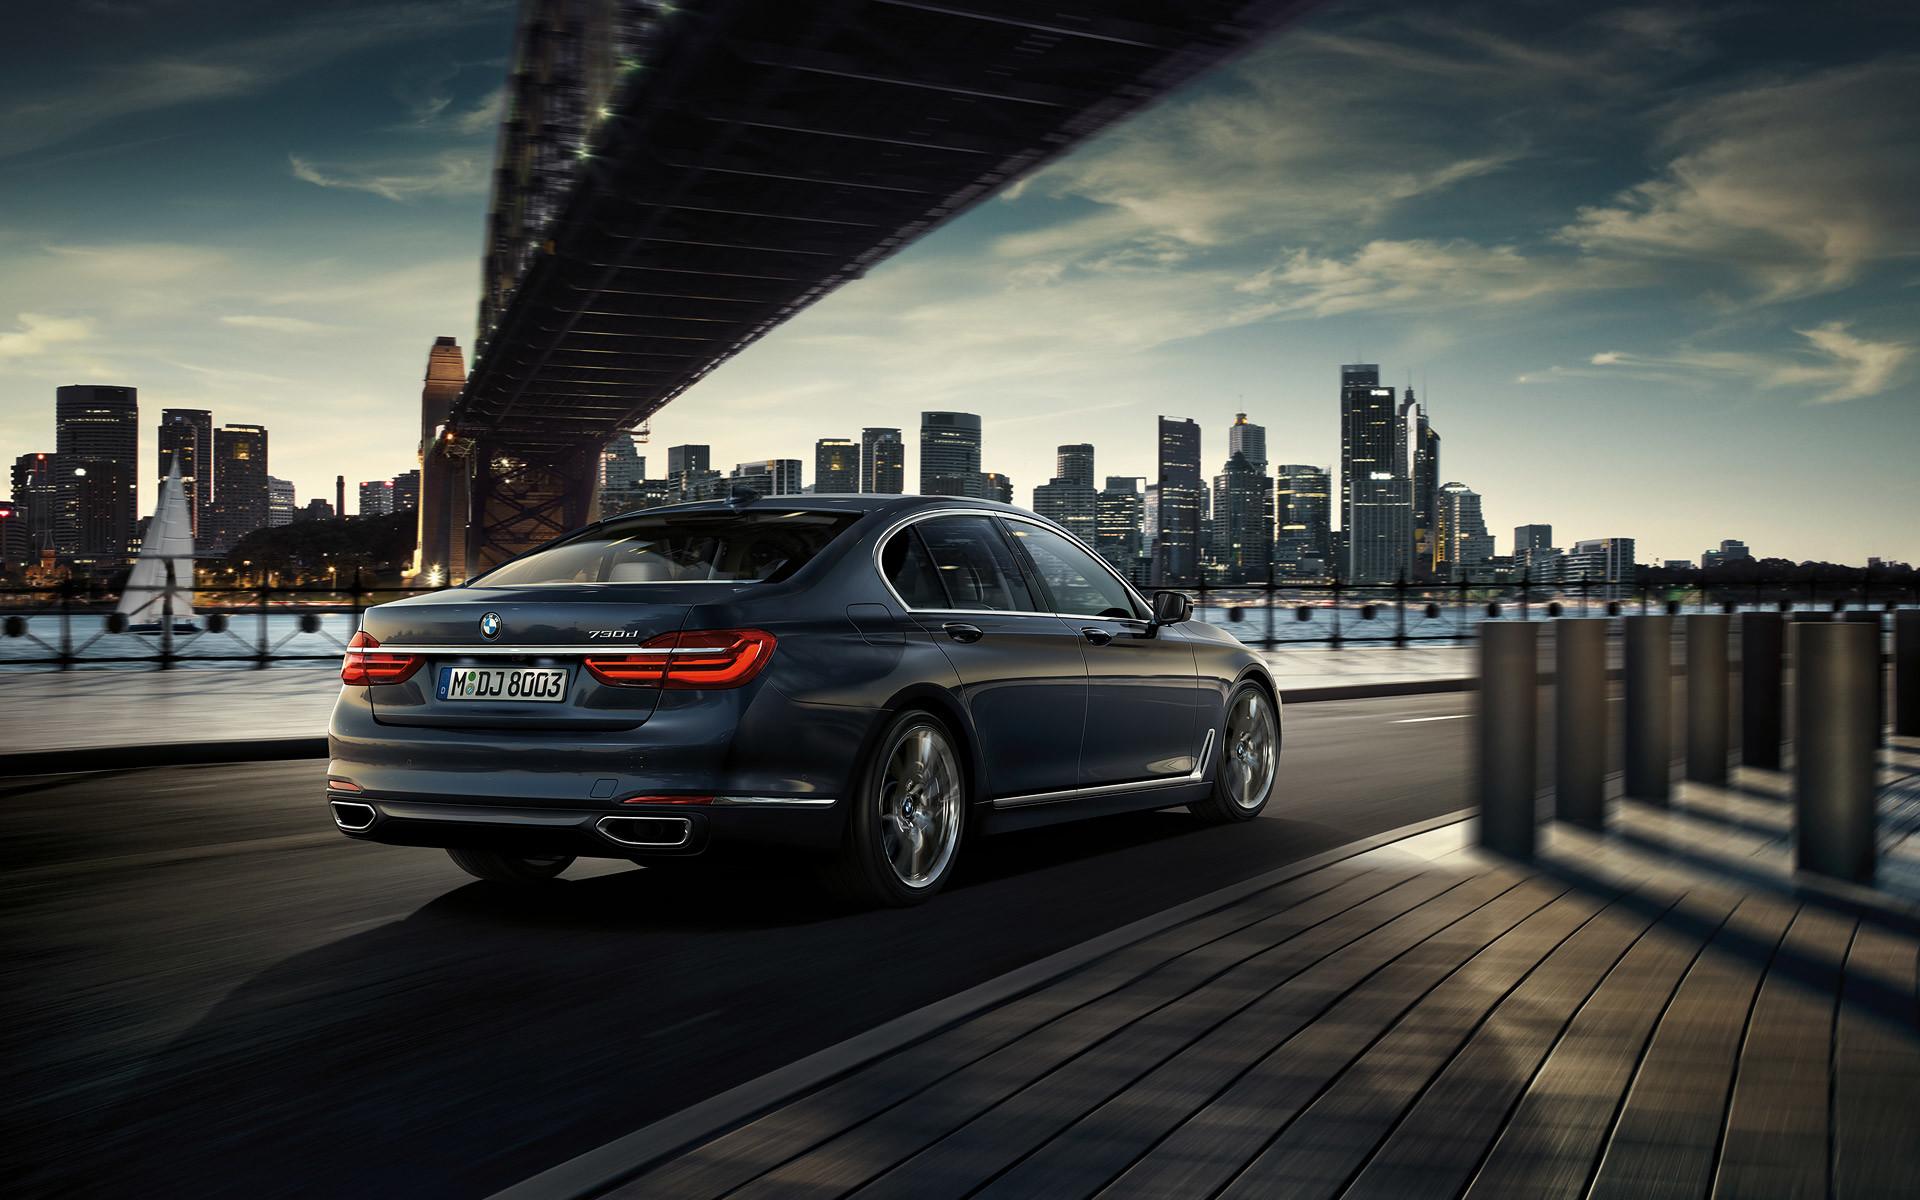 Die Reichweite Und Performance Eines BMW TwinPower Turbomotors Gepaart Mit Der Effizienz Elektromotors 7er EfficientDynamics